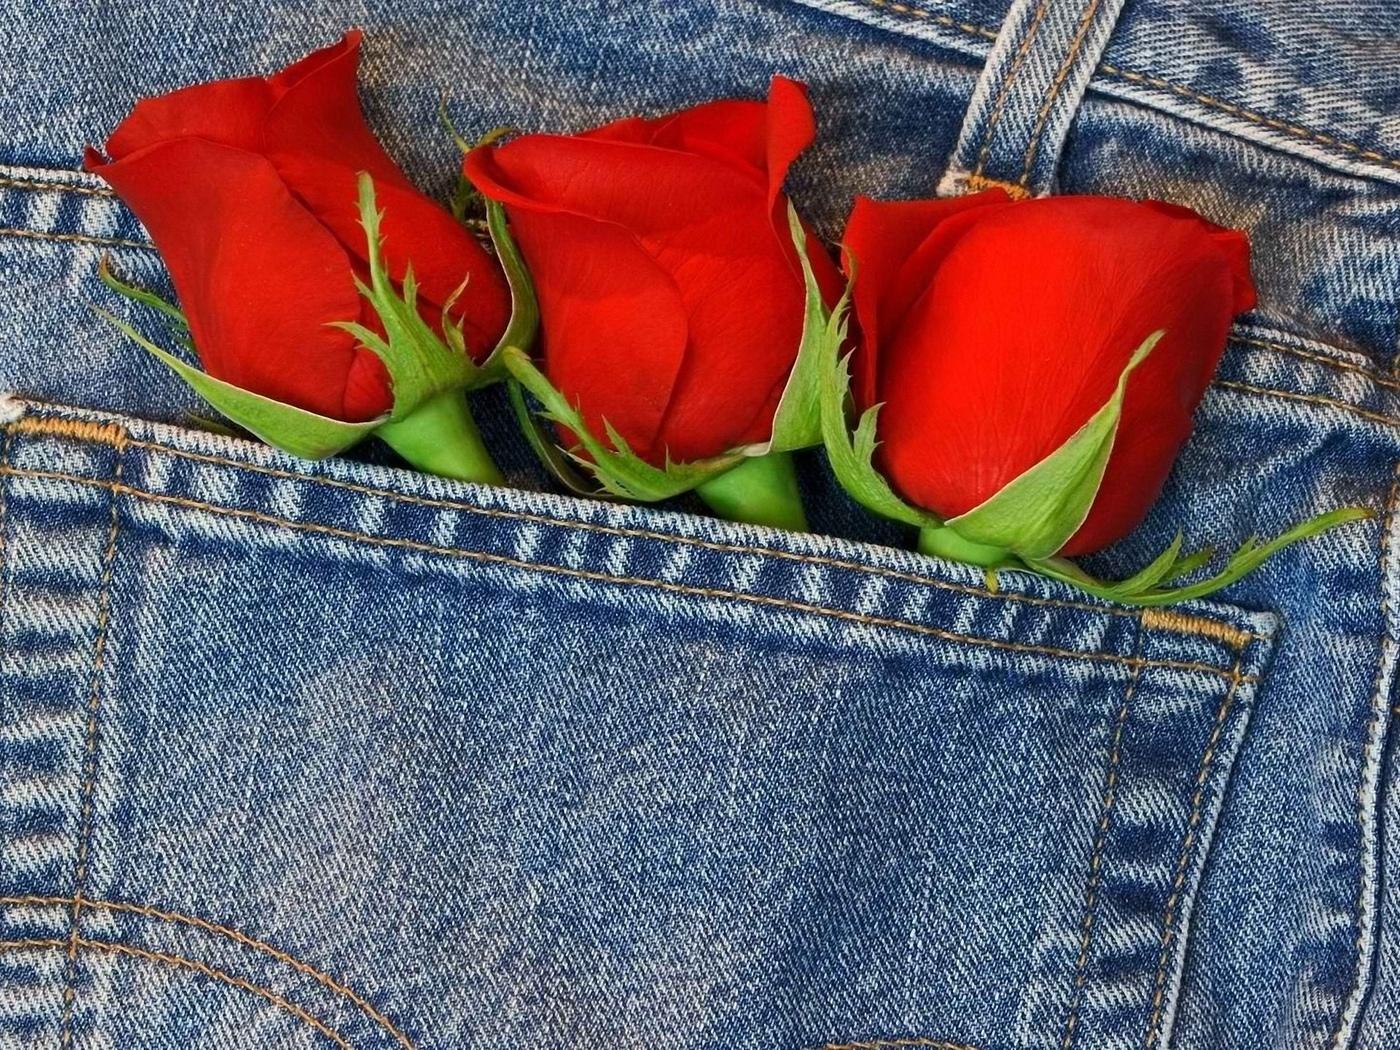 три бутона, роз, в кармане